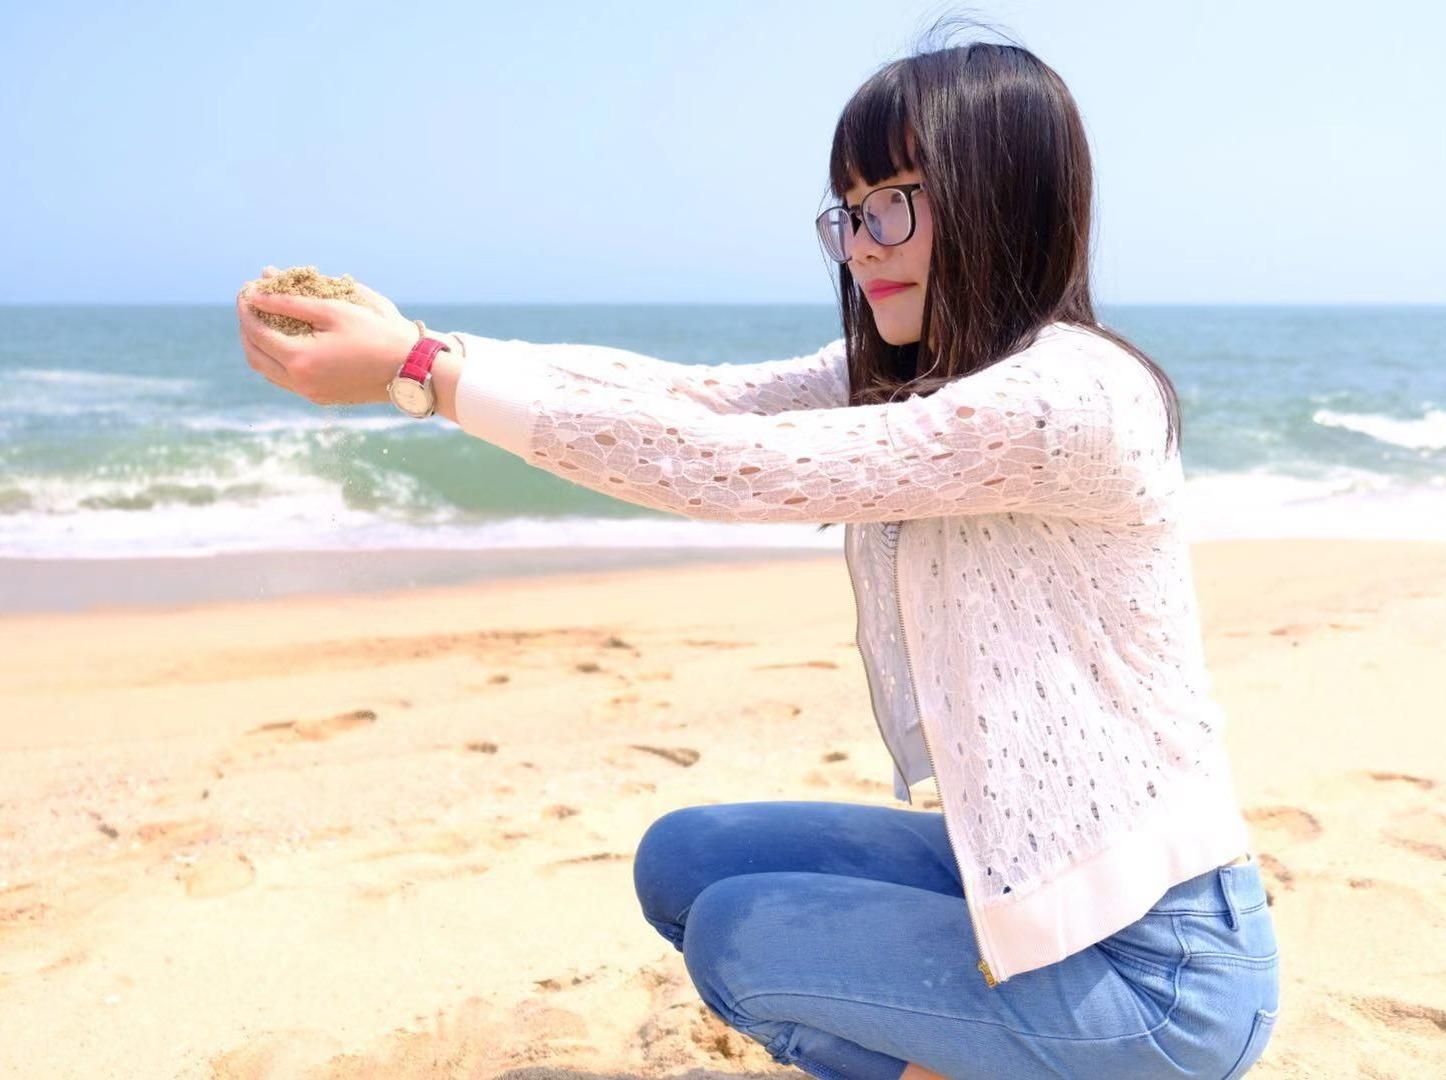 12月2日 台山去那琴湾海,海边徒步,